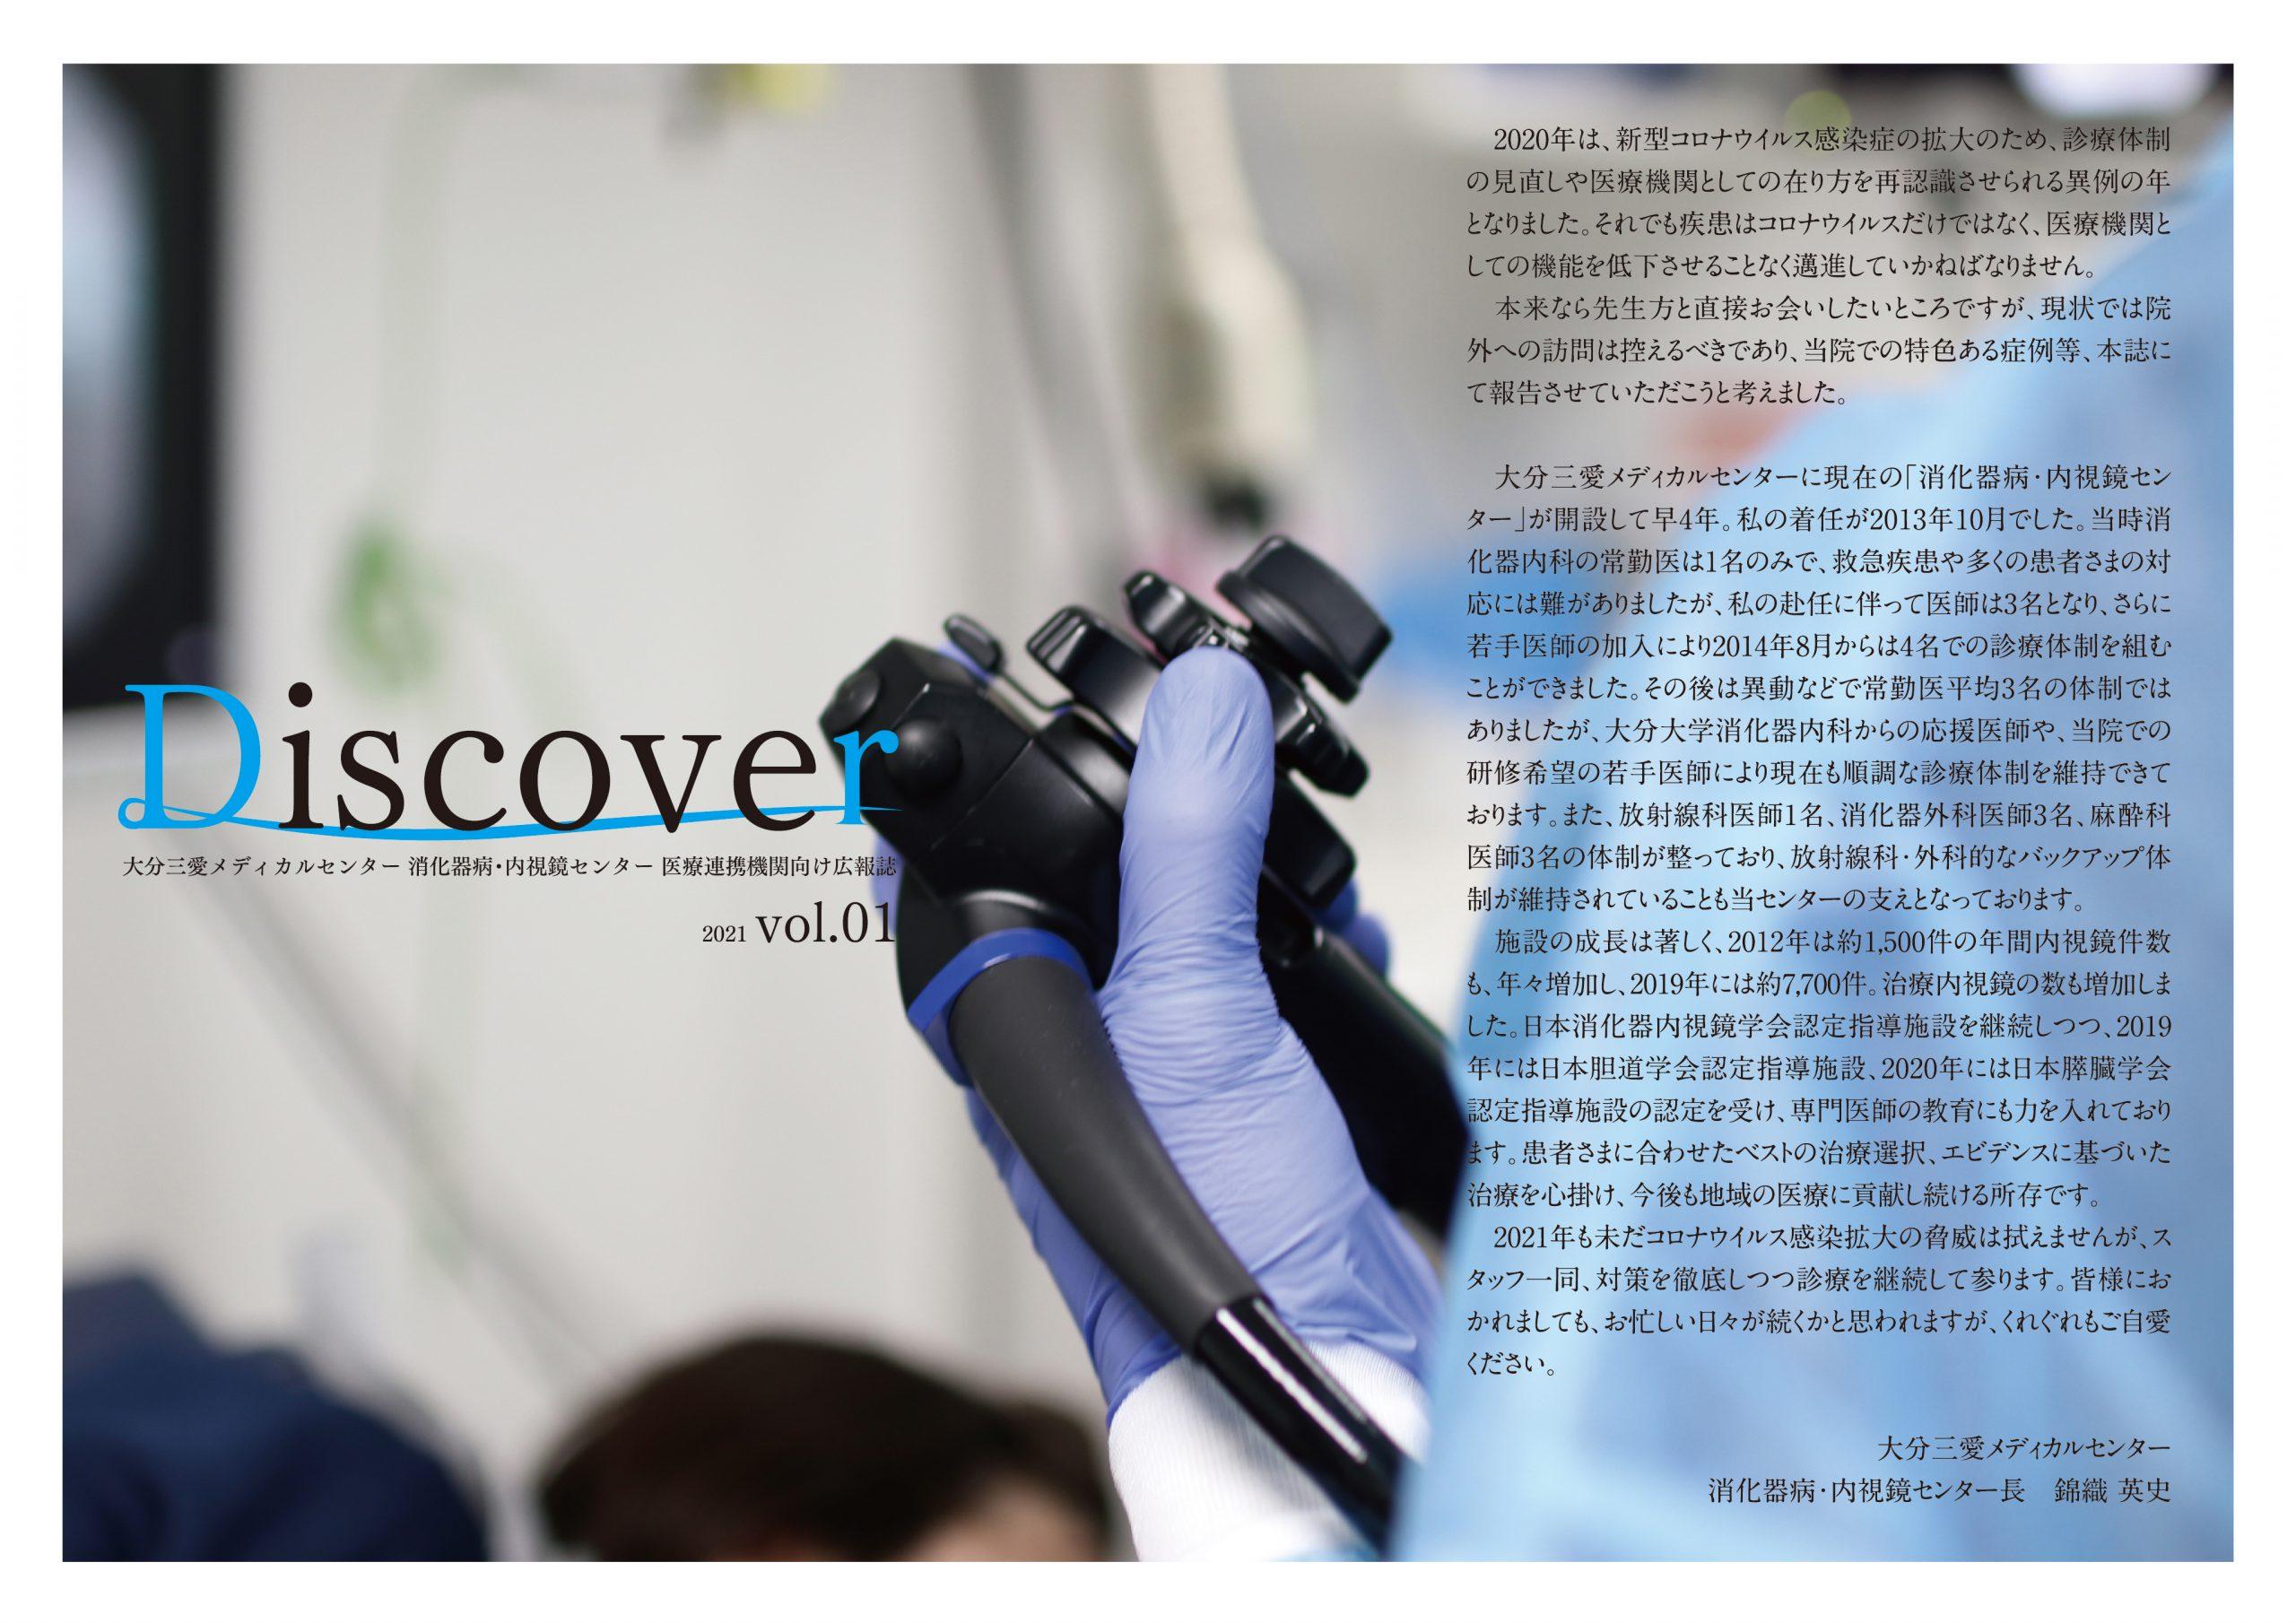 三愛会 Discover 2021 vol.01